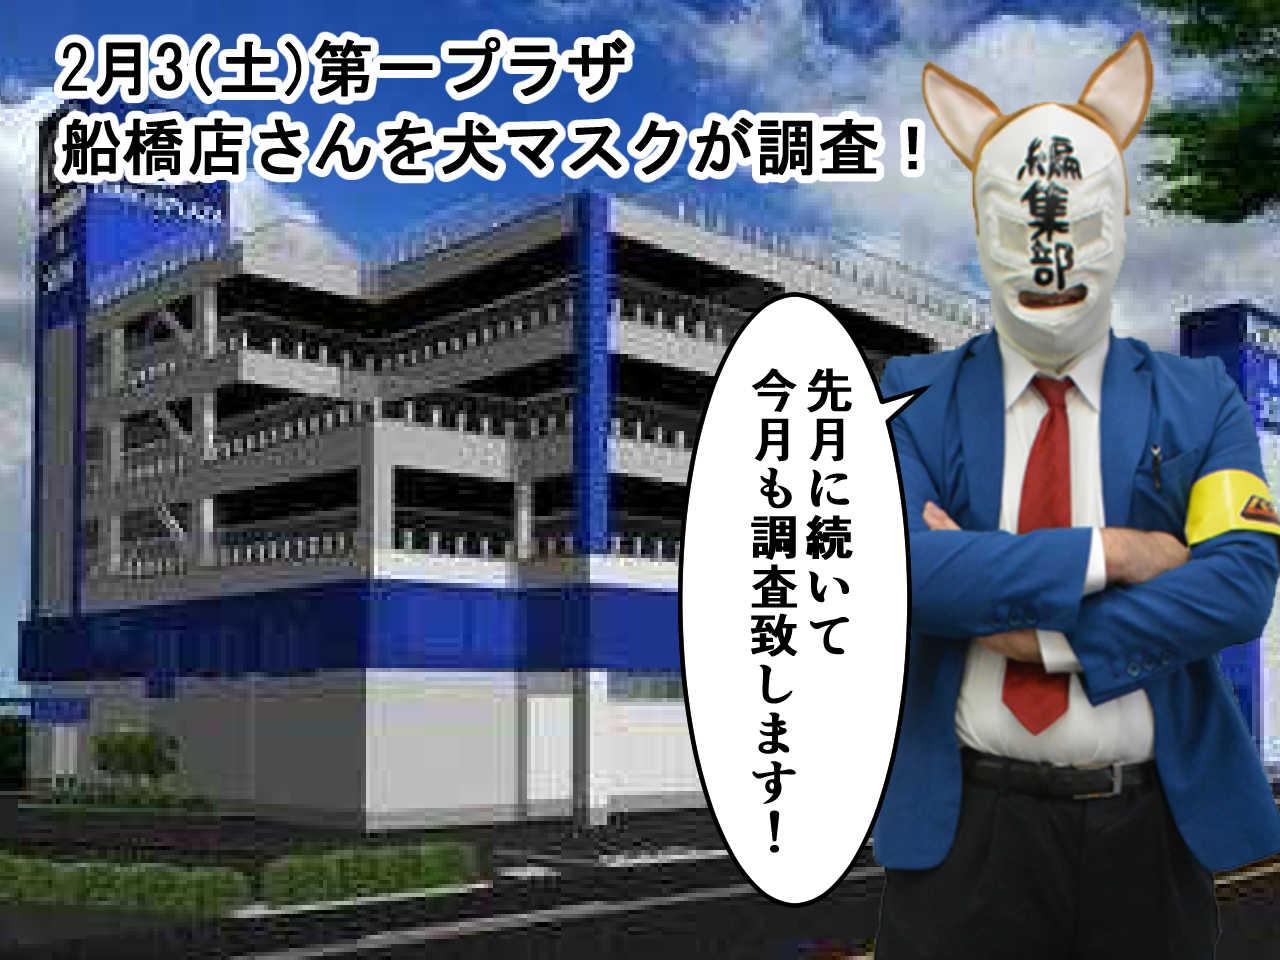 ホル調~パチ7ホール調査隊~